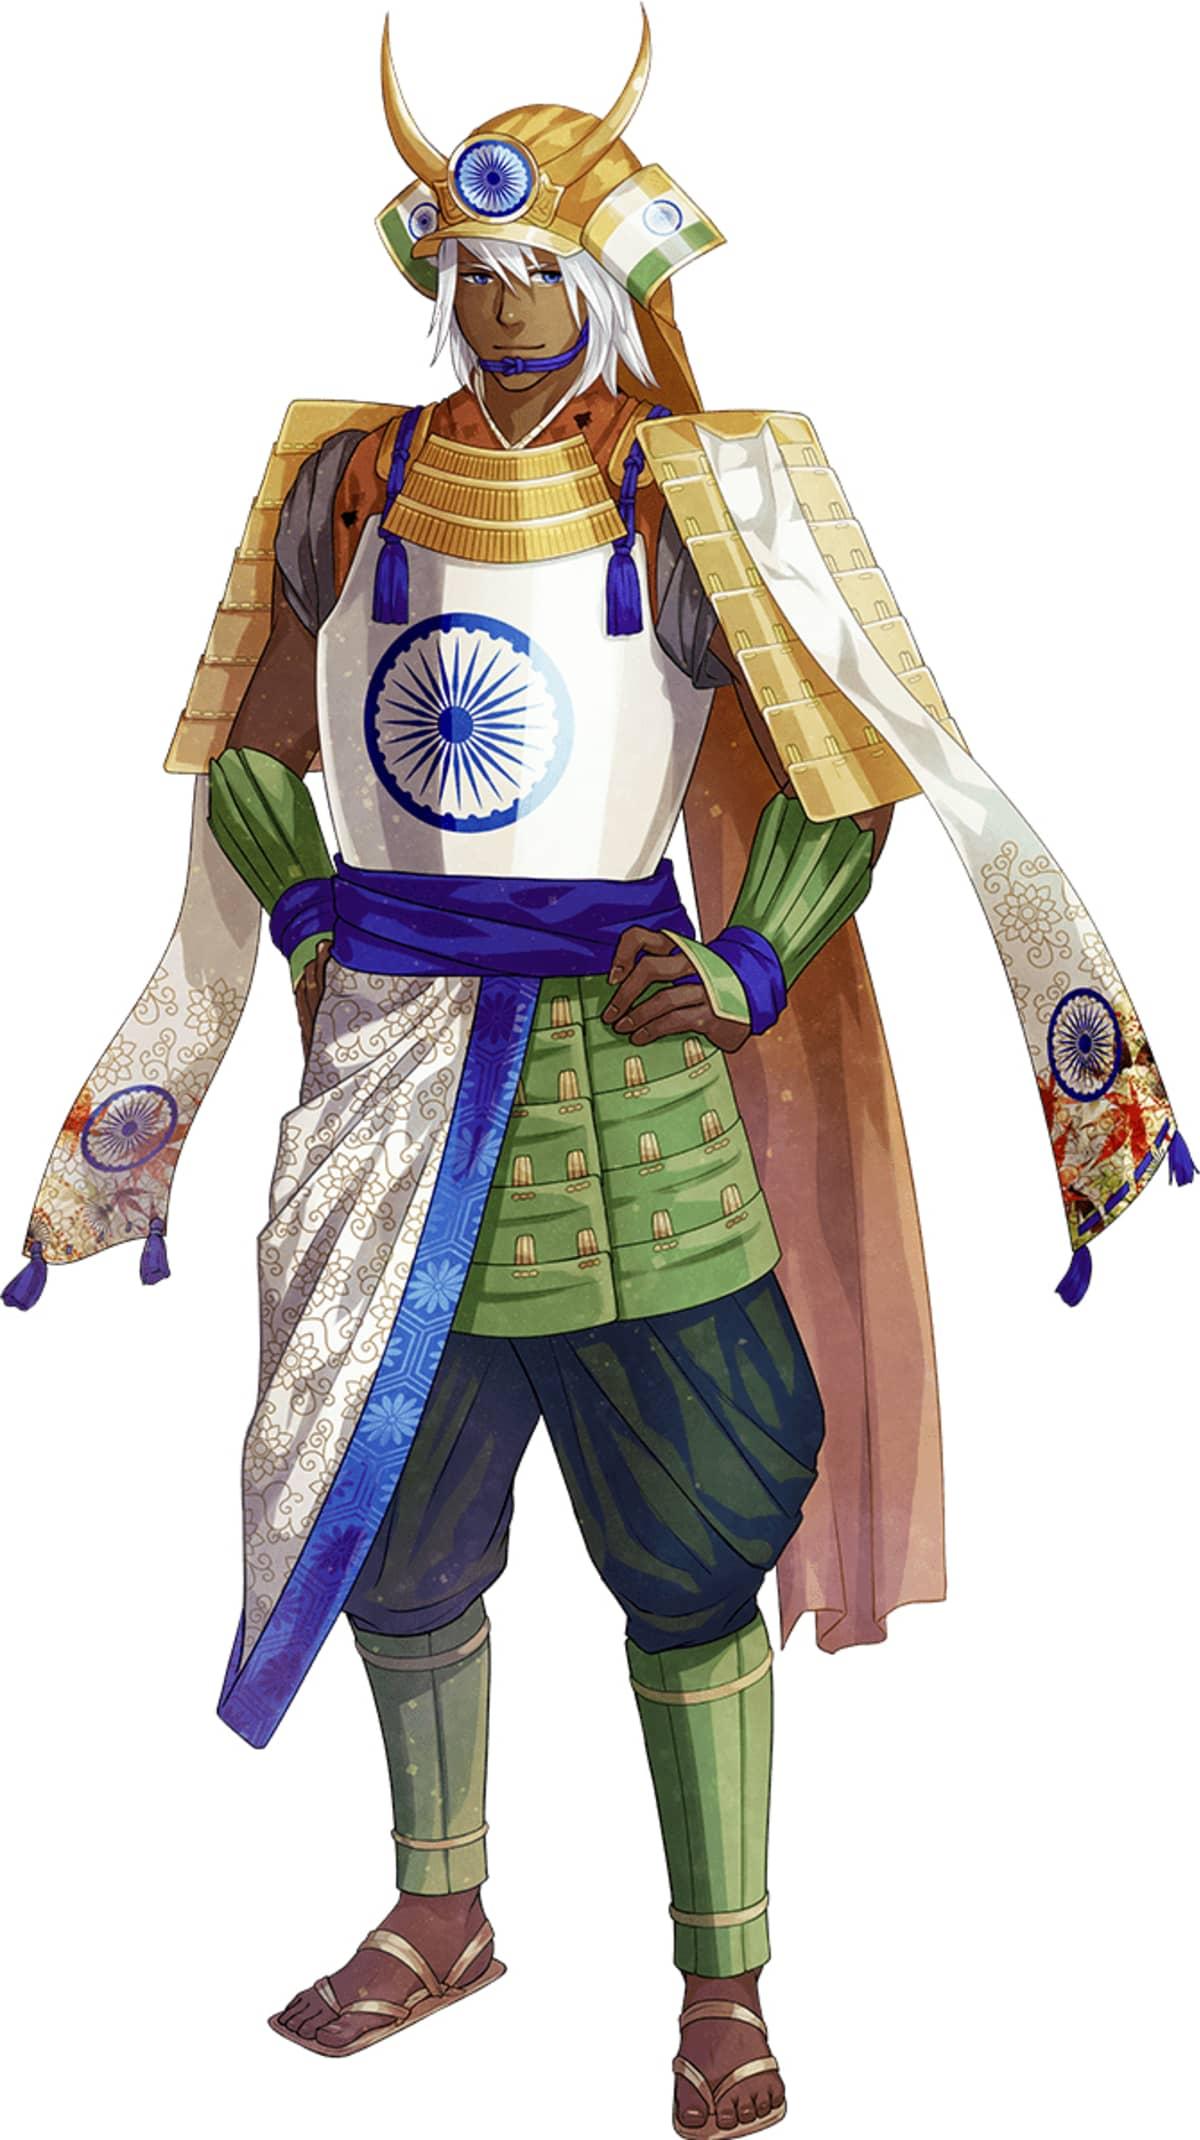 Animehahmo Intian lipun väreissä.